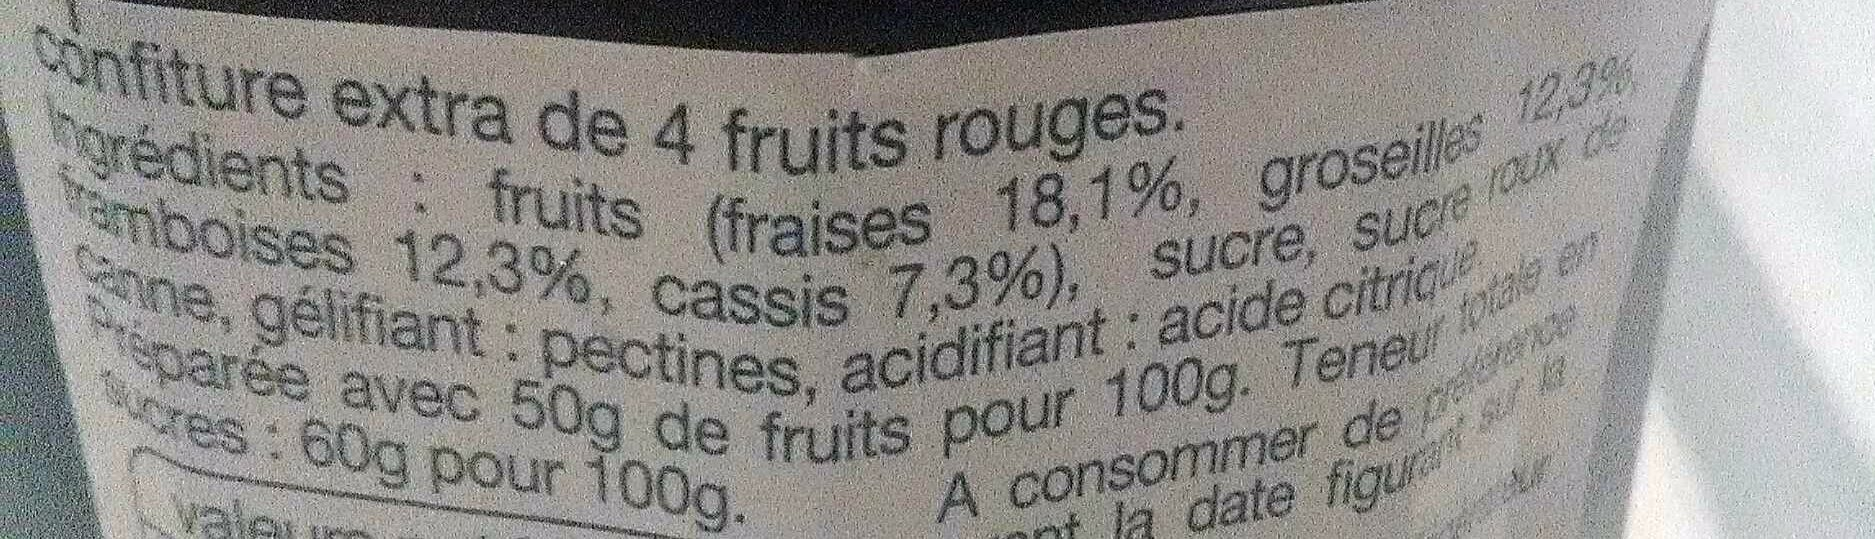 Auchan Confiture 3 Fruits Rouges - Ingrédients